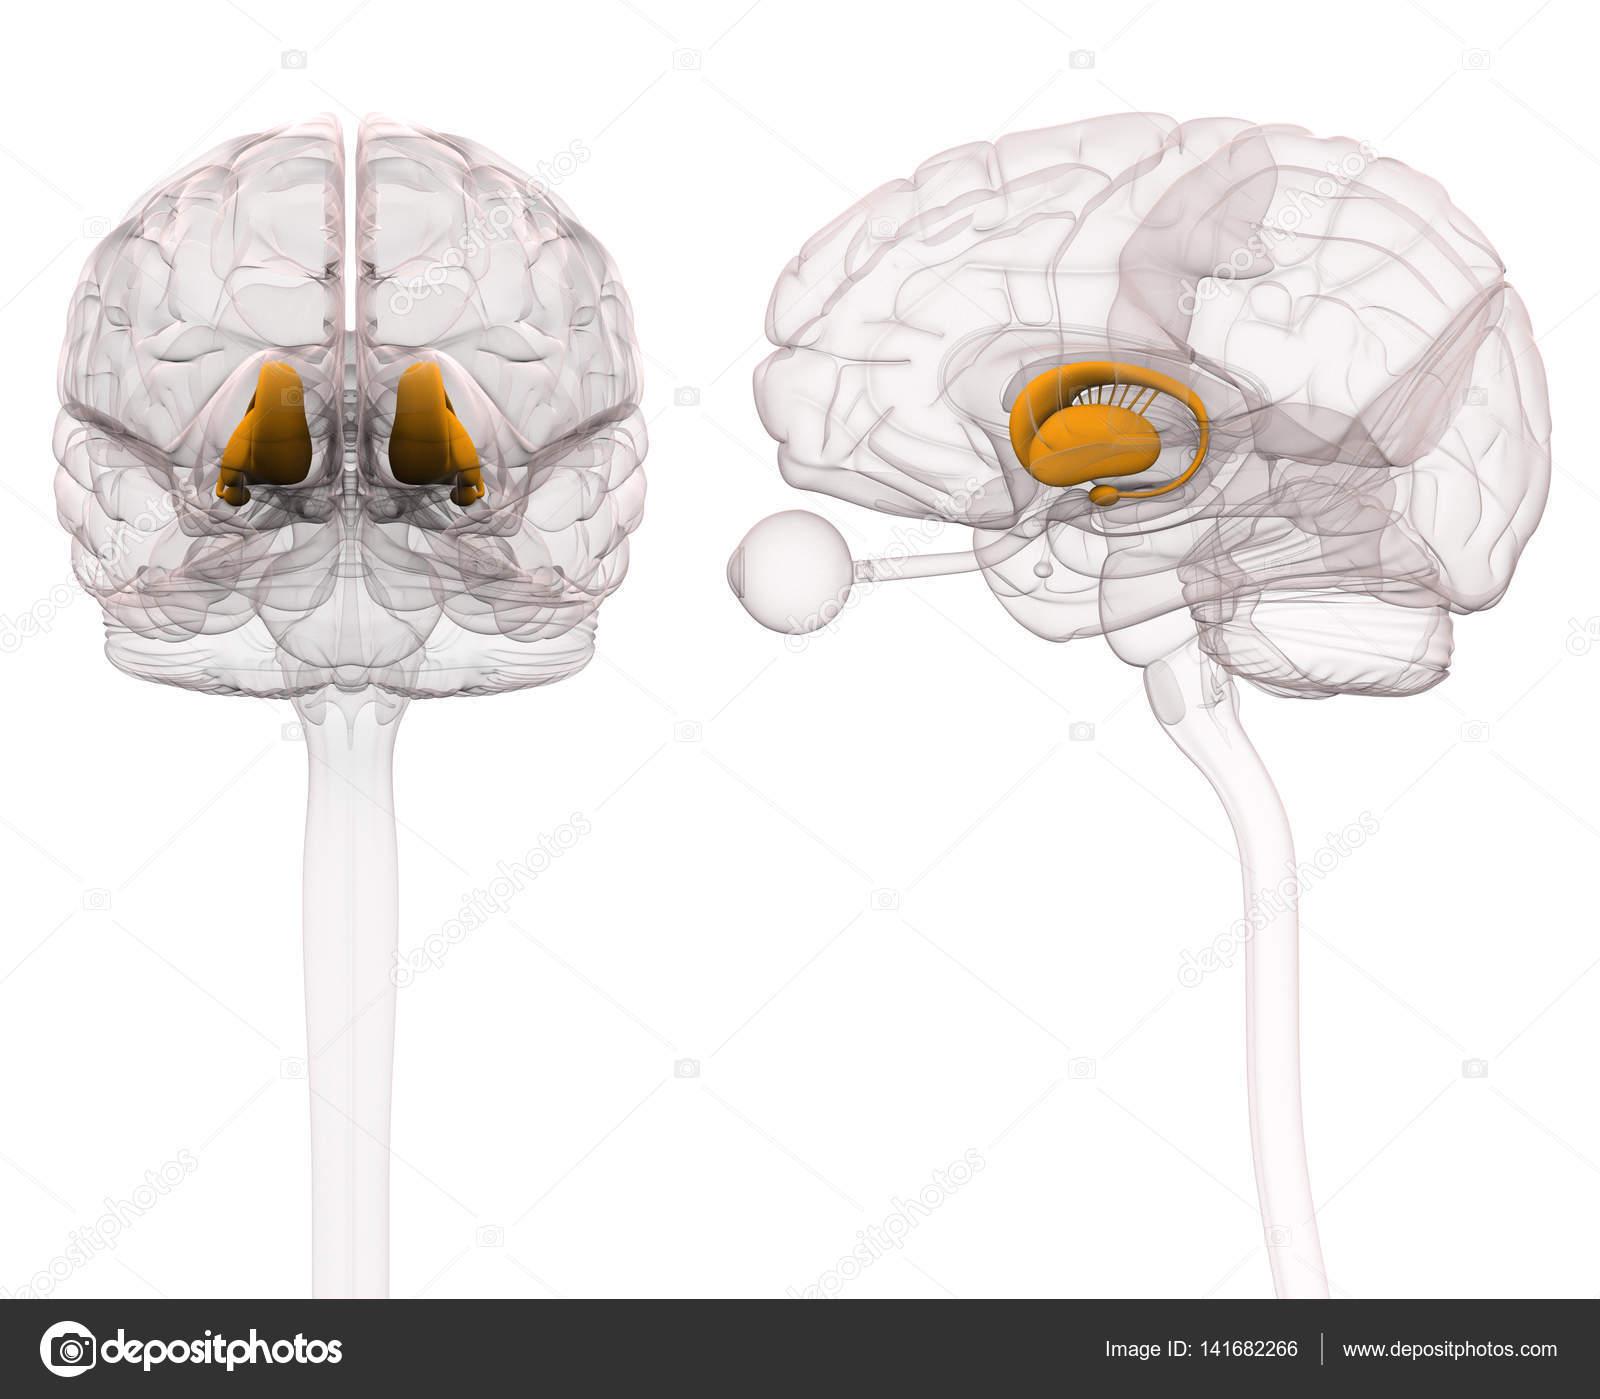 Basalganglien - Anatomie Gehirn - 3D-Illustration — Stockfoto ...